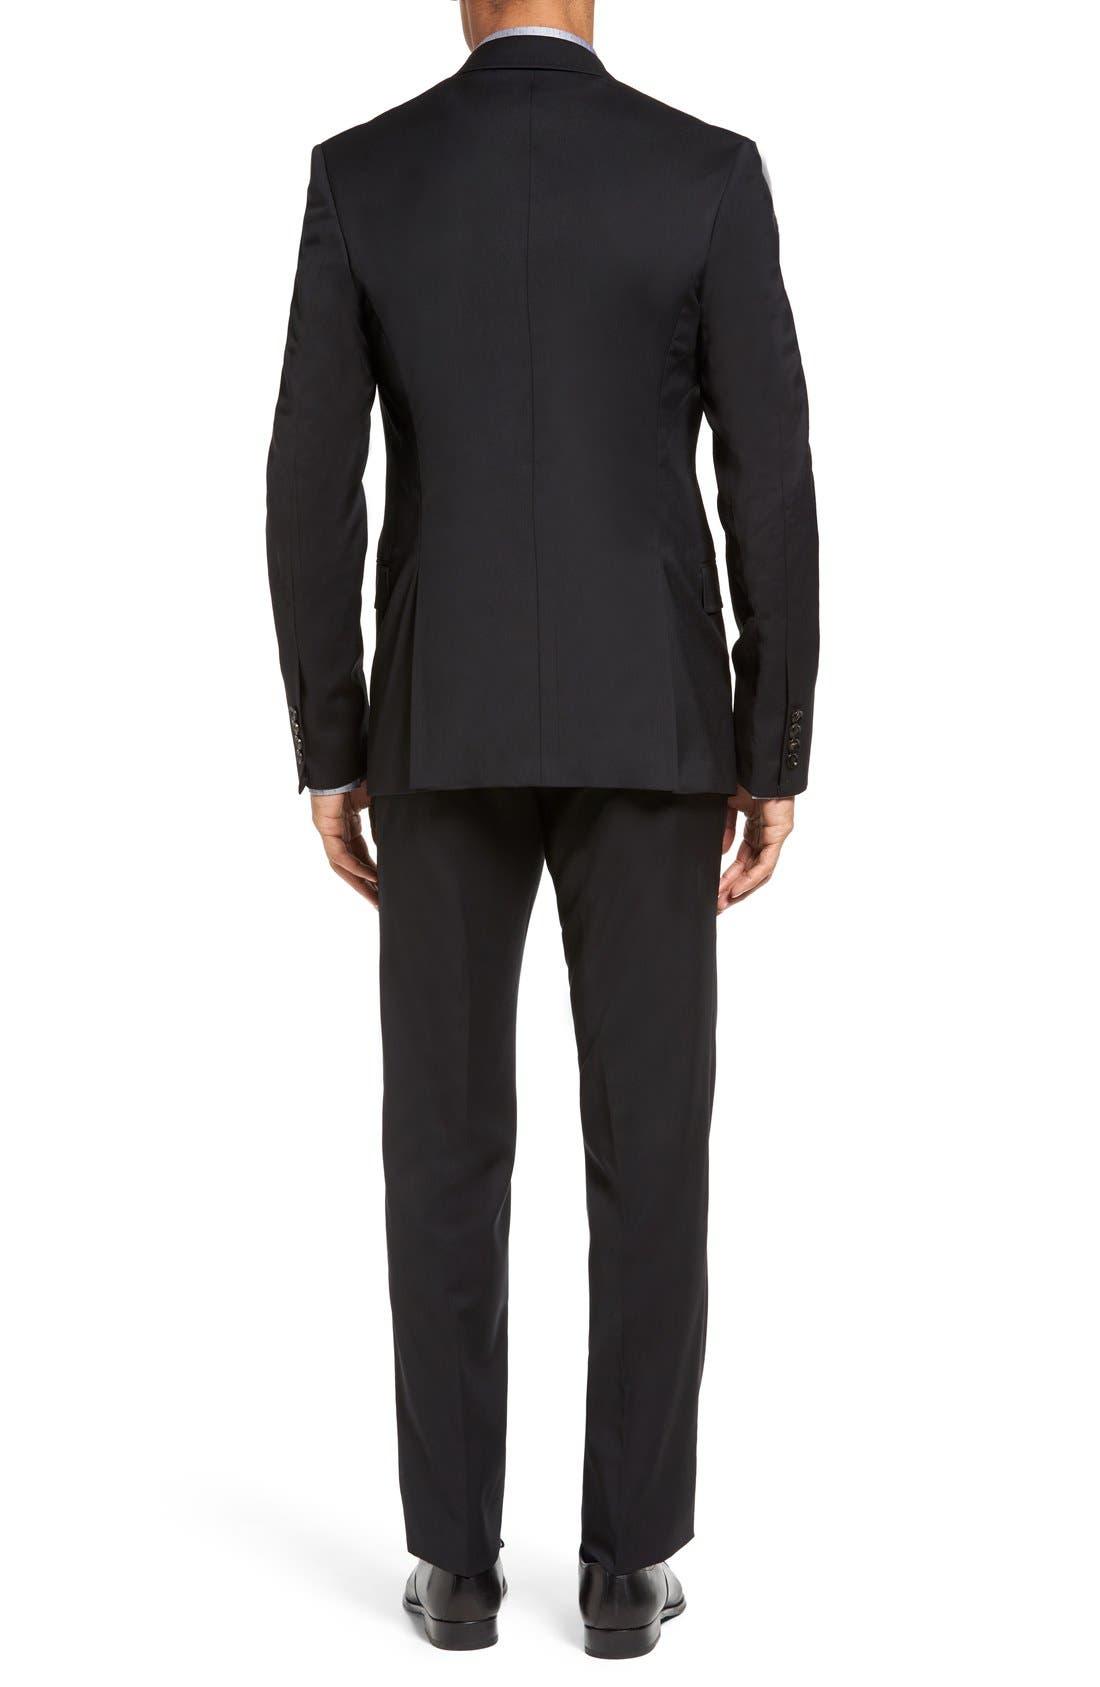 Jones Trim Fit Wool Suit,                             Alternate thumbnail 11, color,                             001